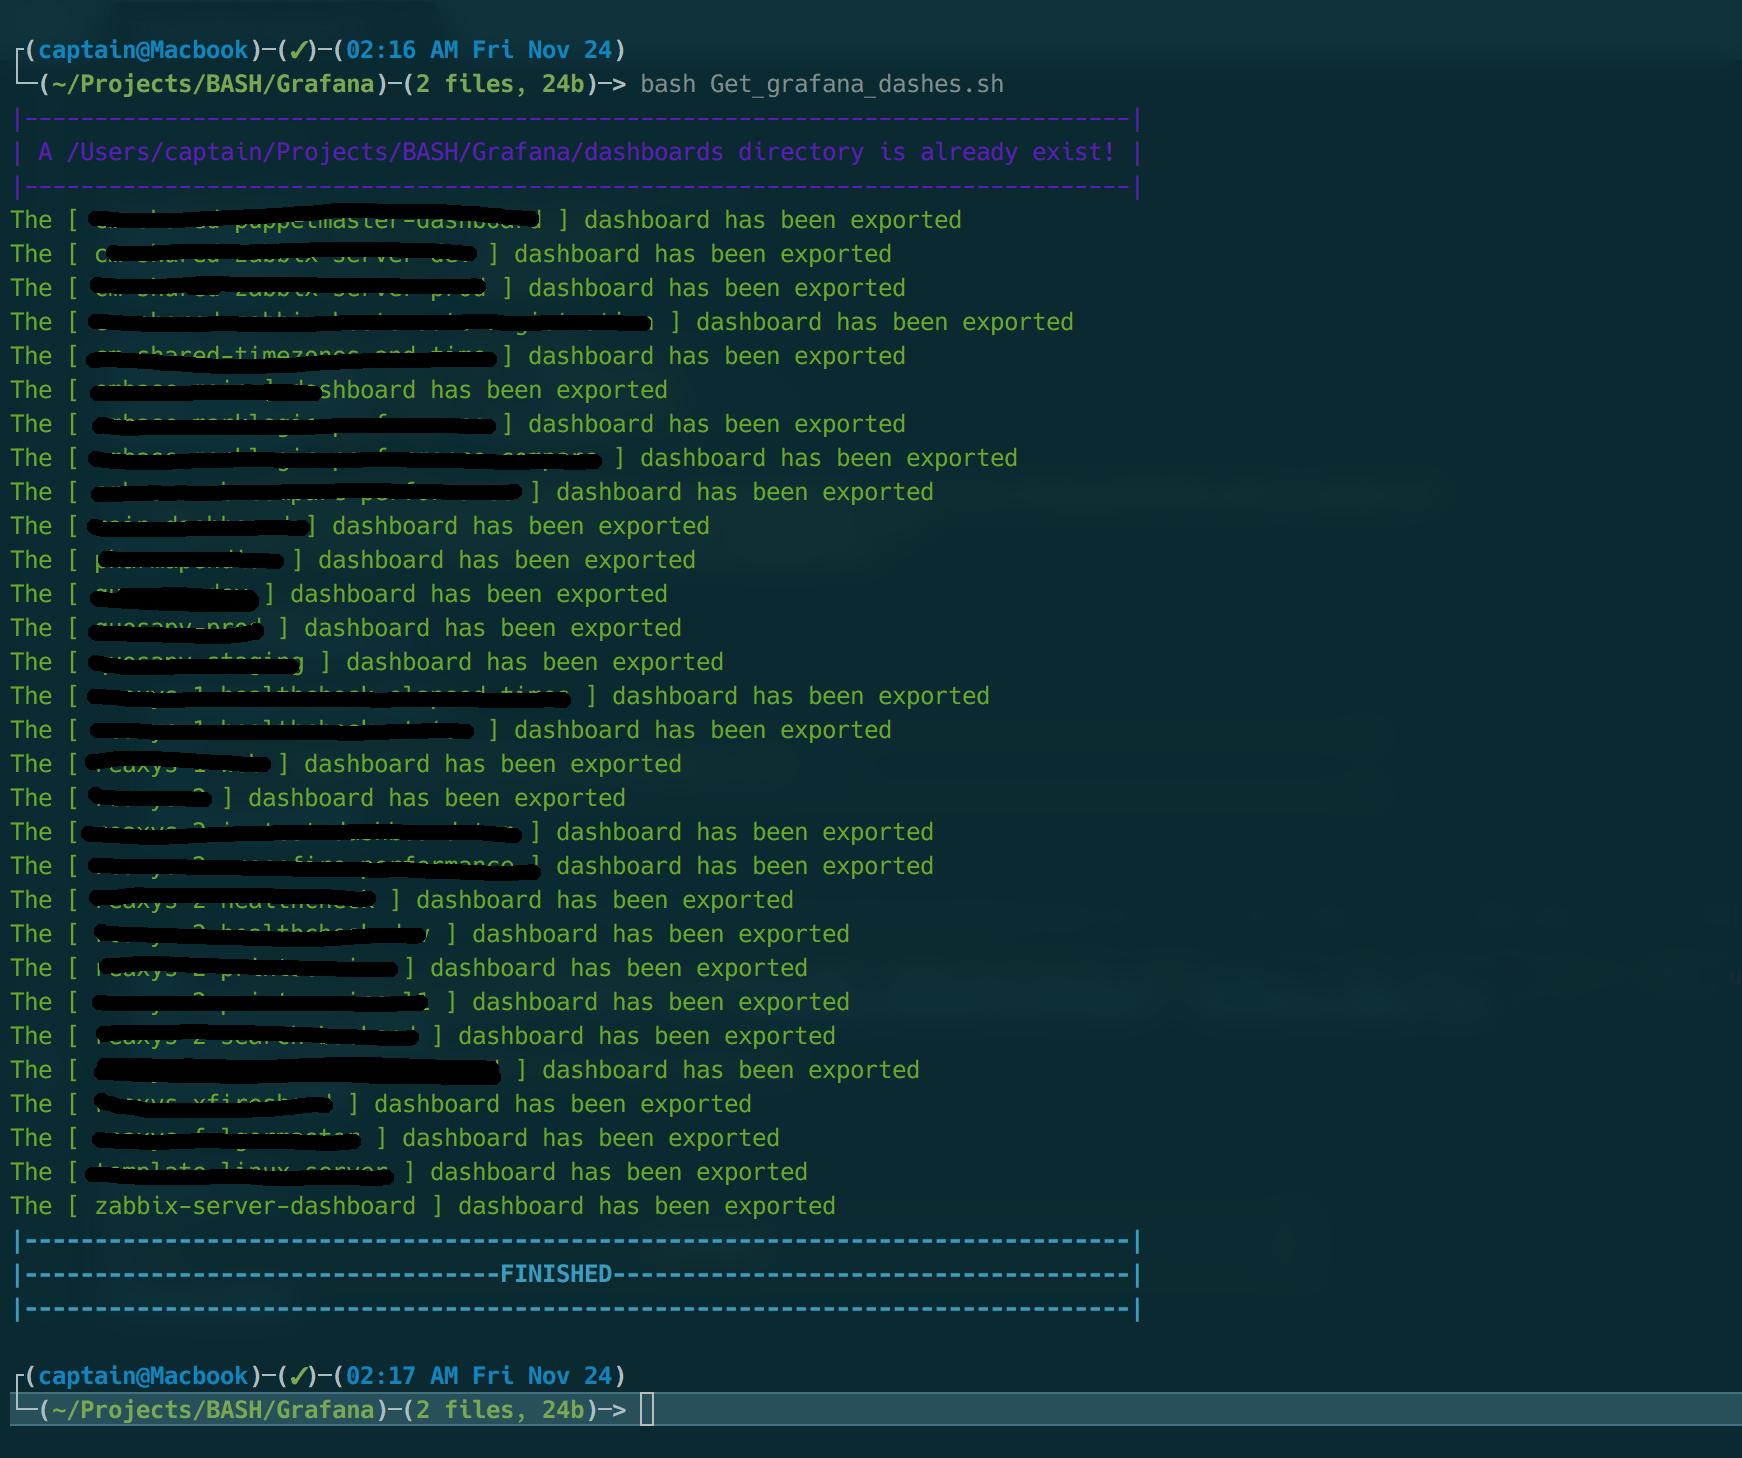 Экспорт дашбордов из grafana в Unix/Linux